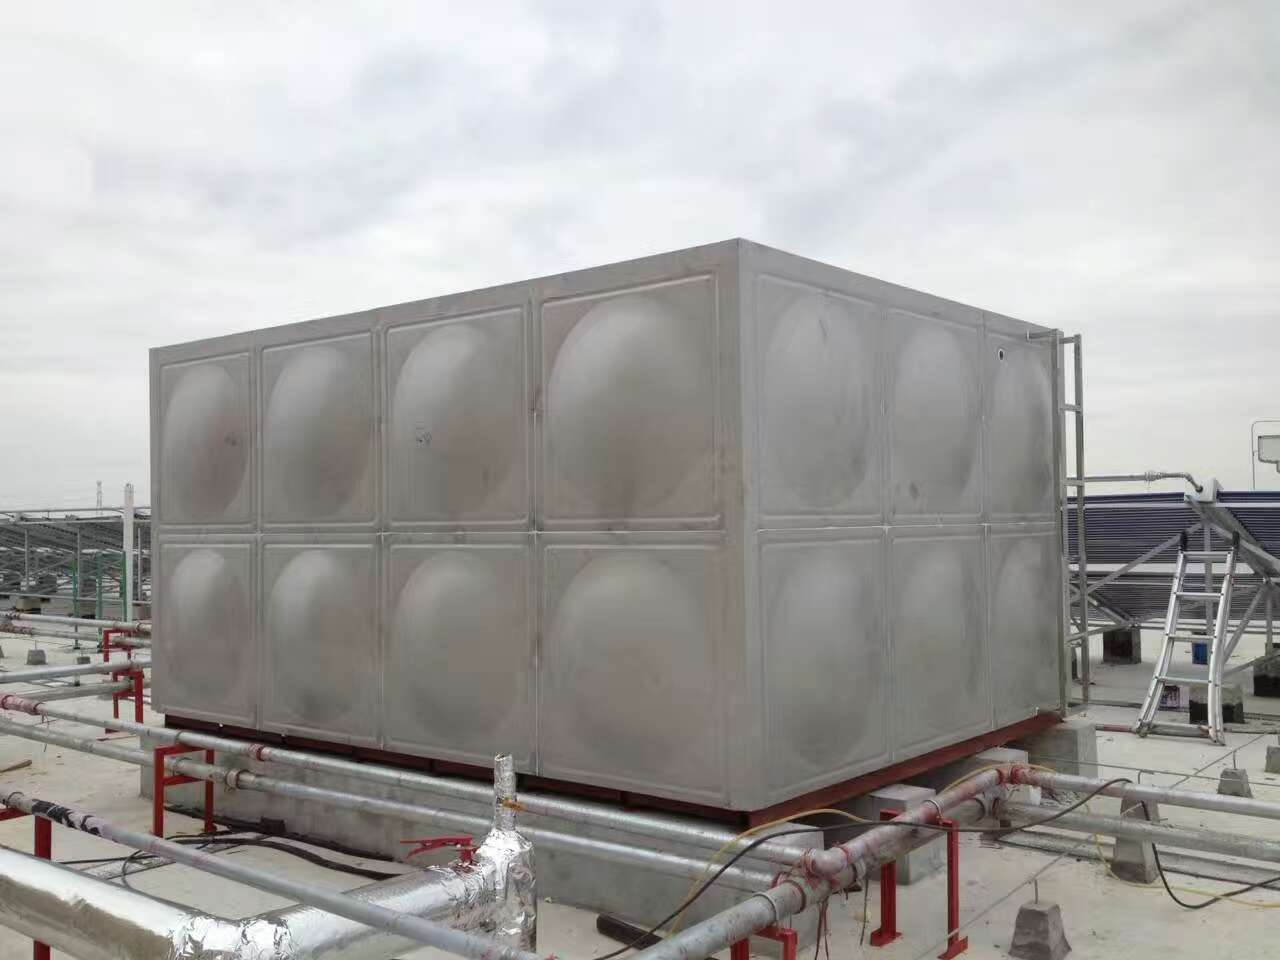 靖远不锈钢水箱|保温水箱|消防水箱供应厂家二十年金牌品质